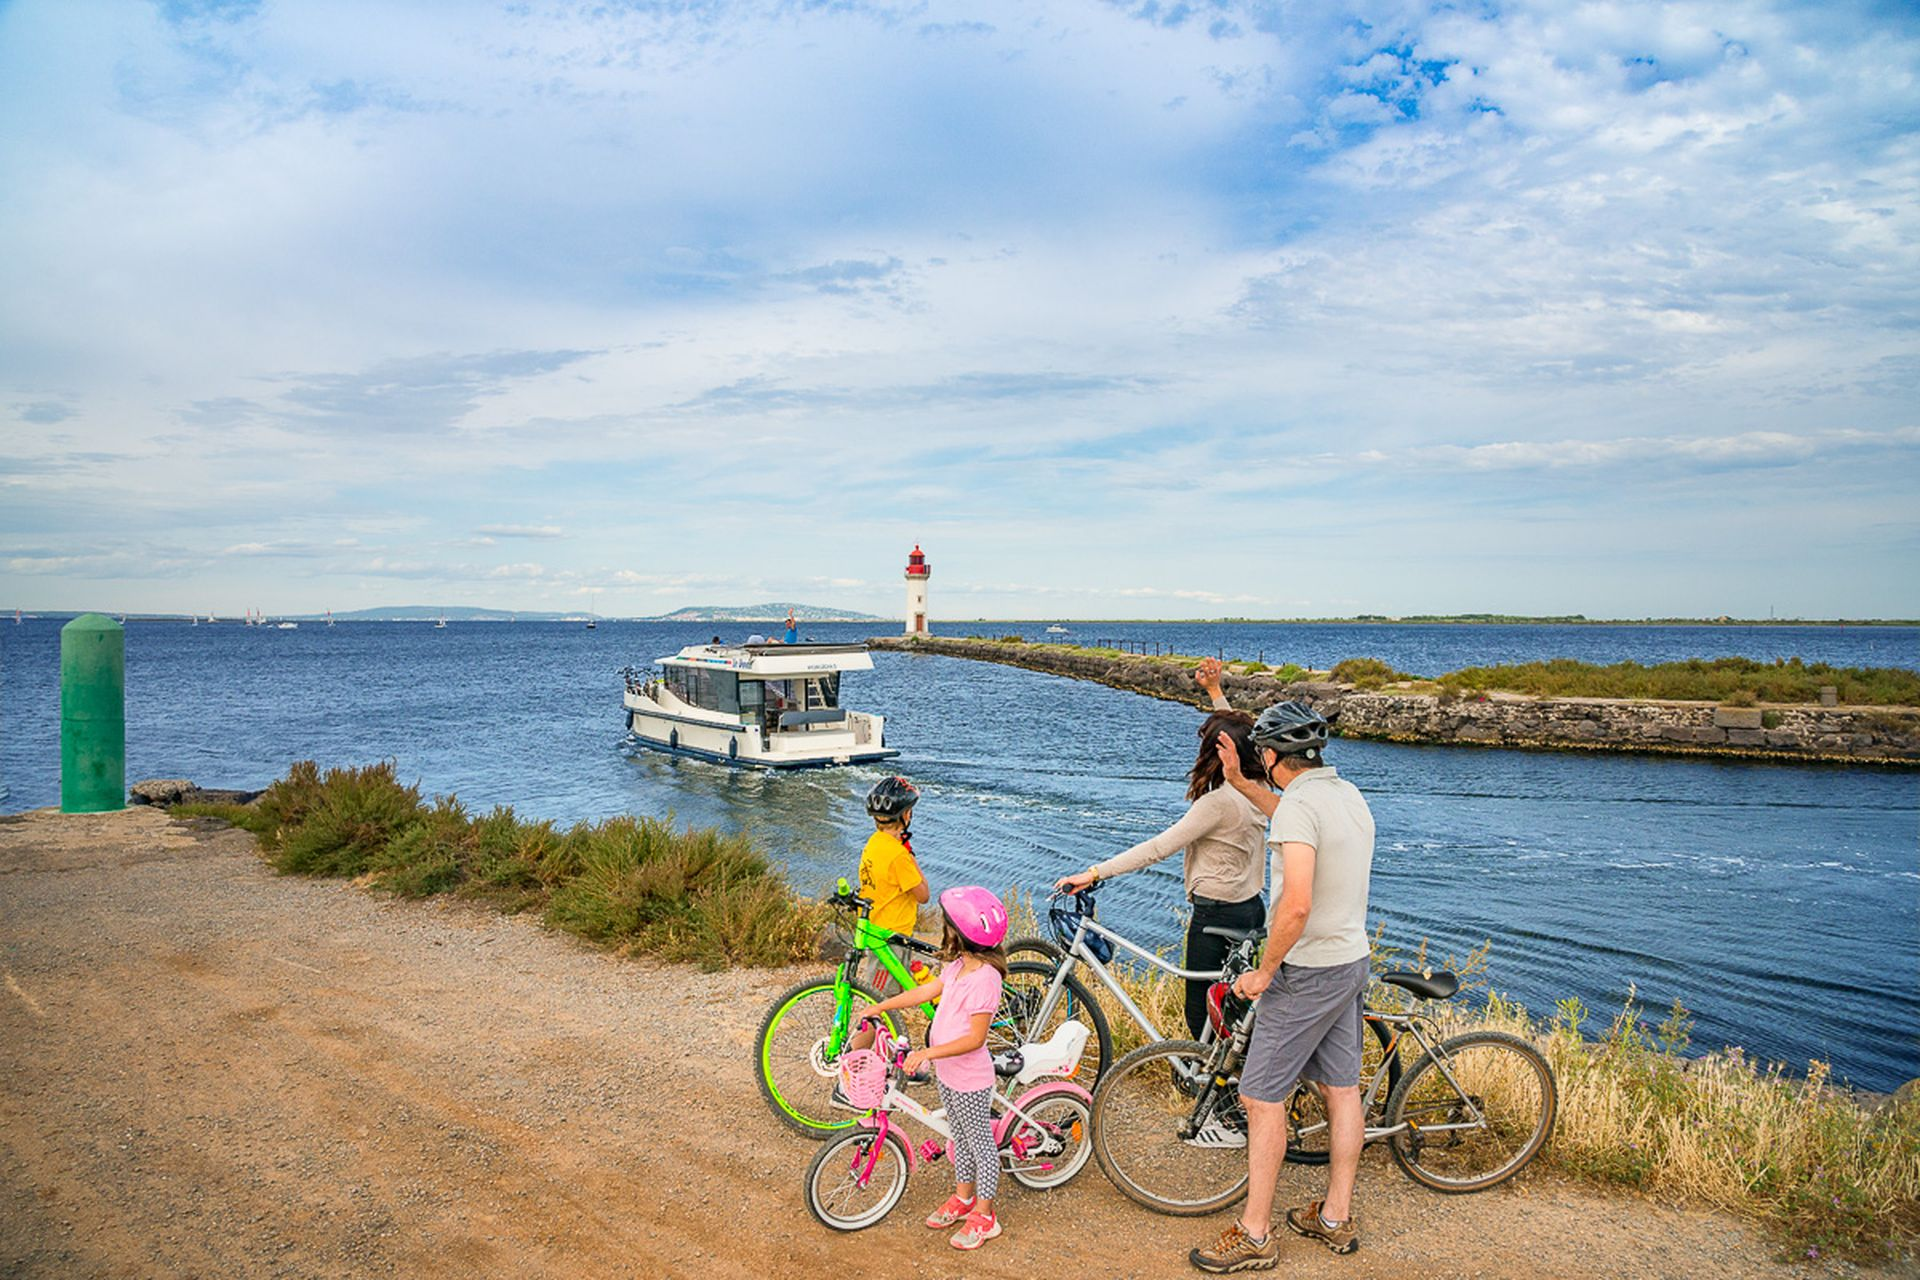 Balade en vélo en famille à Marseillan à l'embouchure du Canal du Midi avec les caves Richemer